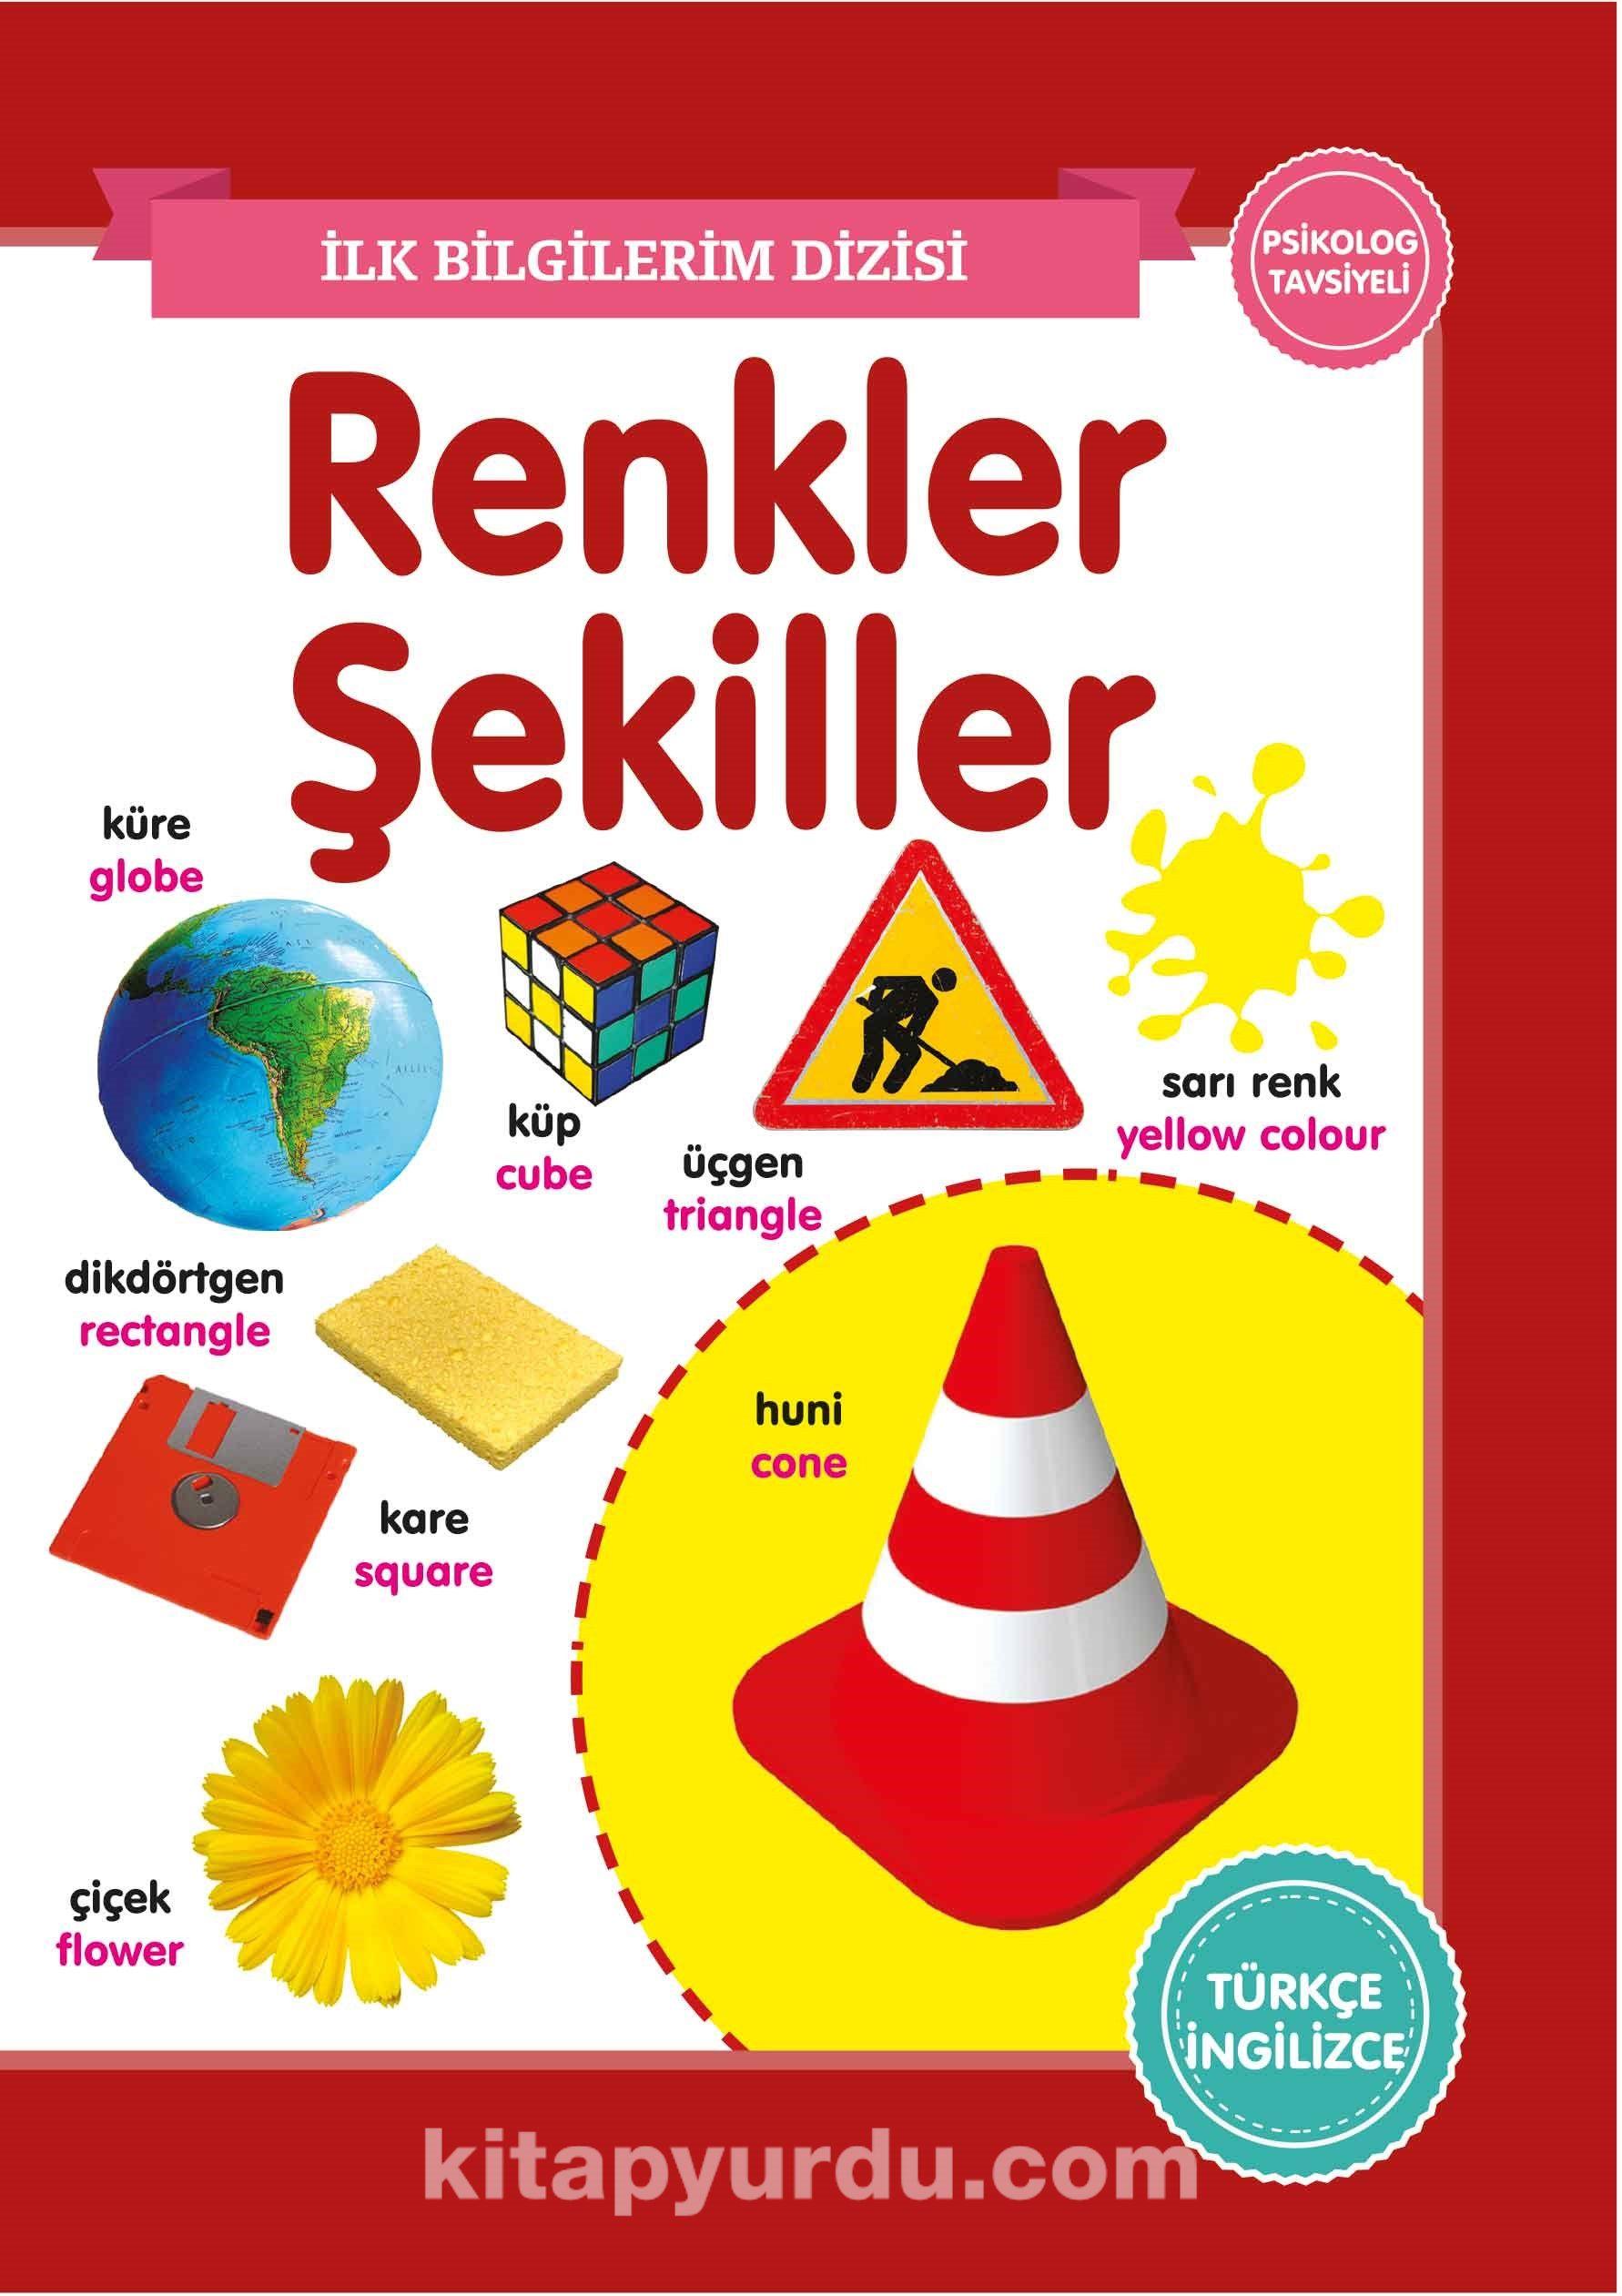 Renkler - Şekiller - İlk Bilgilerim Dizisi PDF Kitap İndir